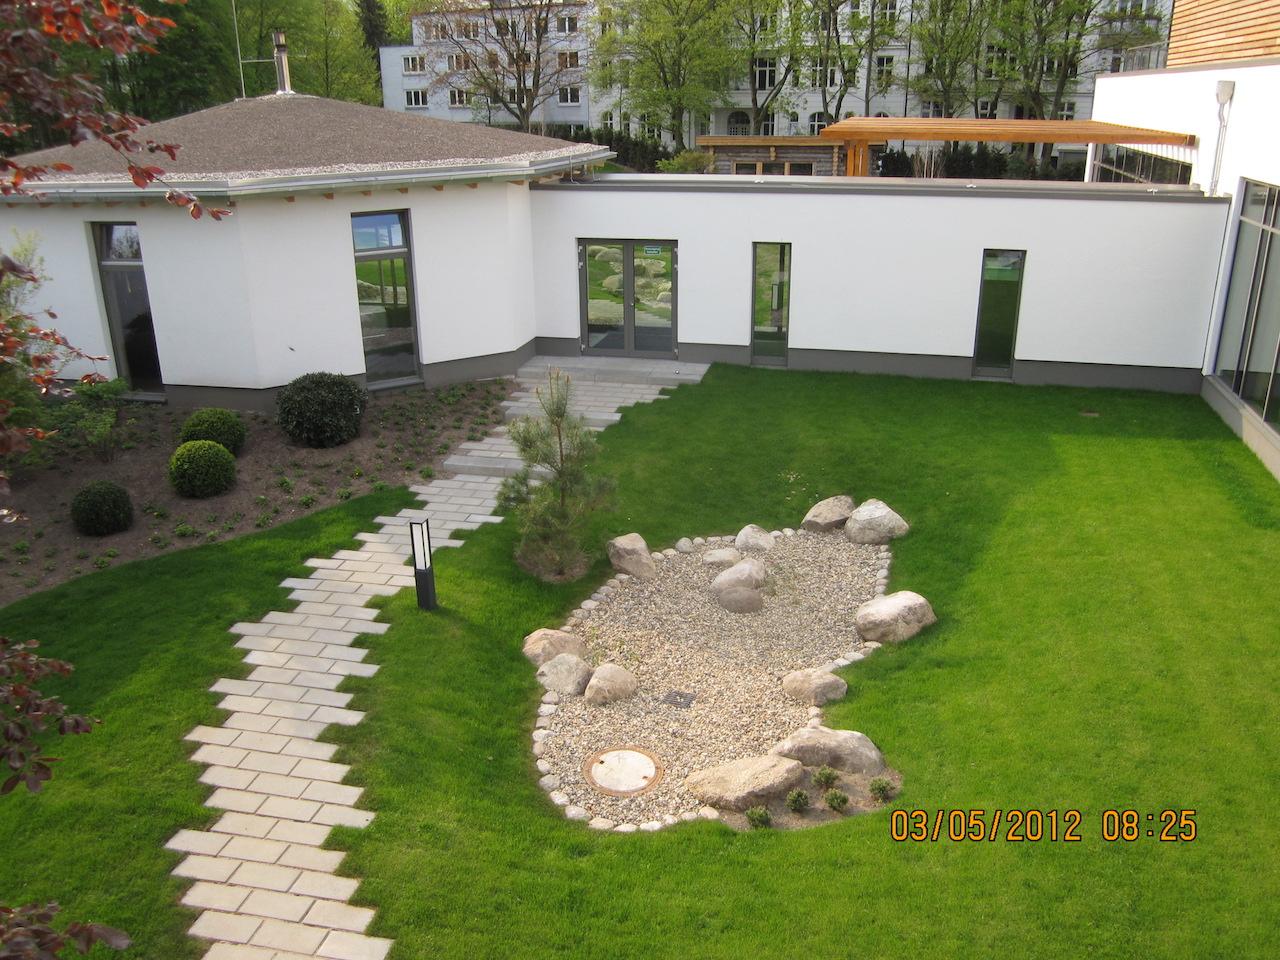 Jacobs garten und landschaftsbau bremerv rde zeven - Garten und landschaftsbau bremerhaven ...